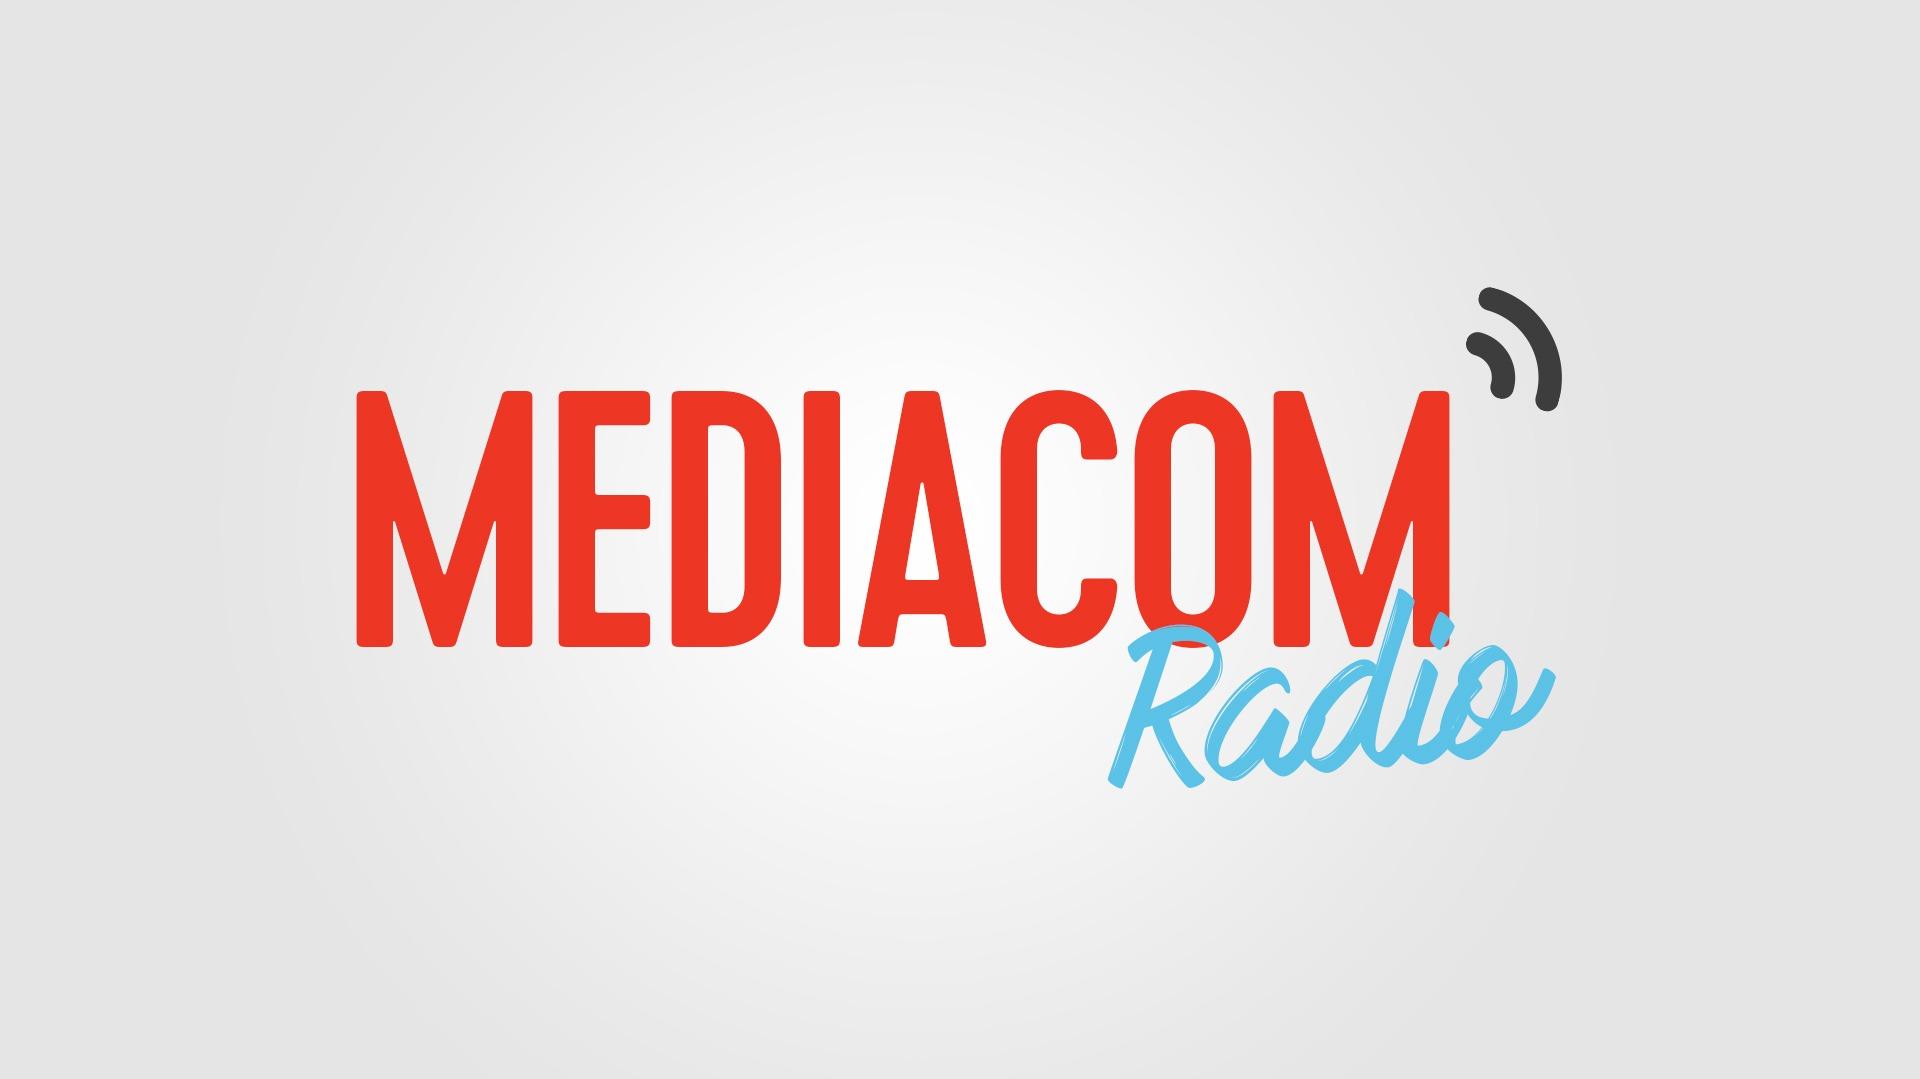 Mediacom radio v01